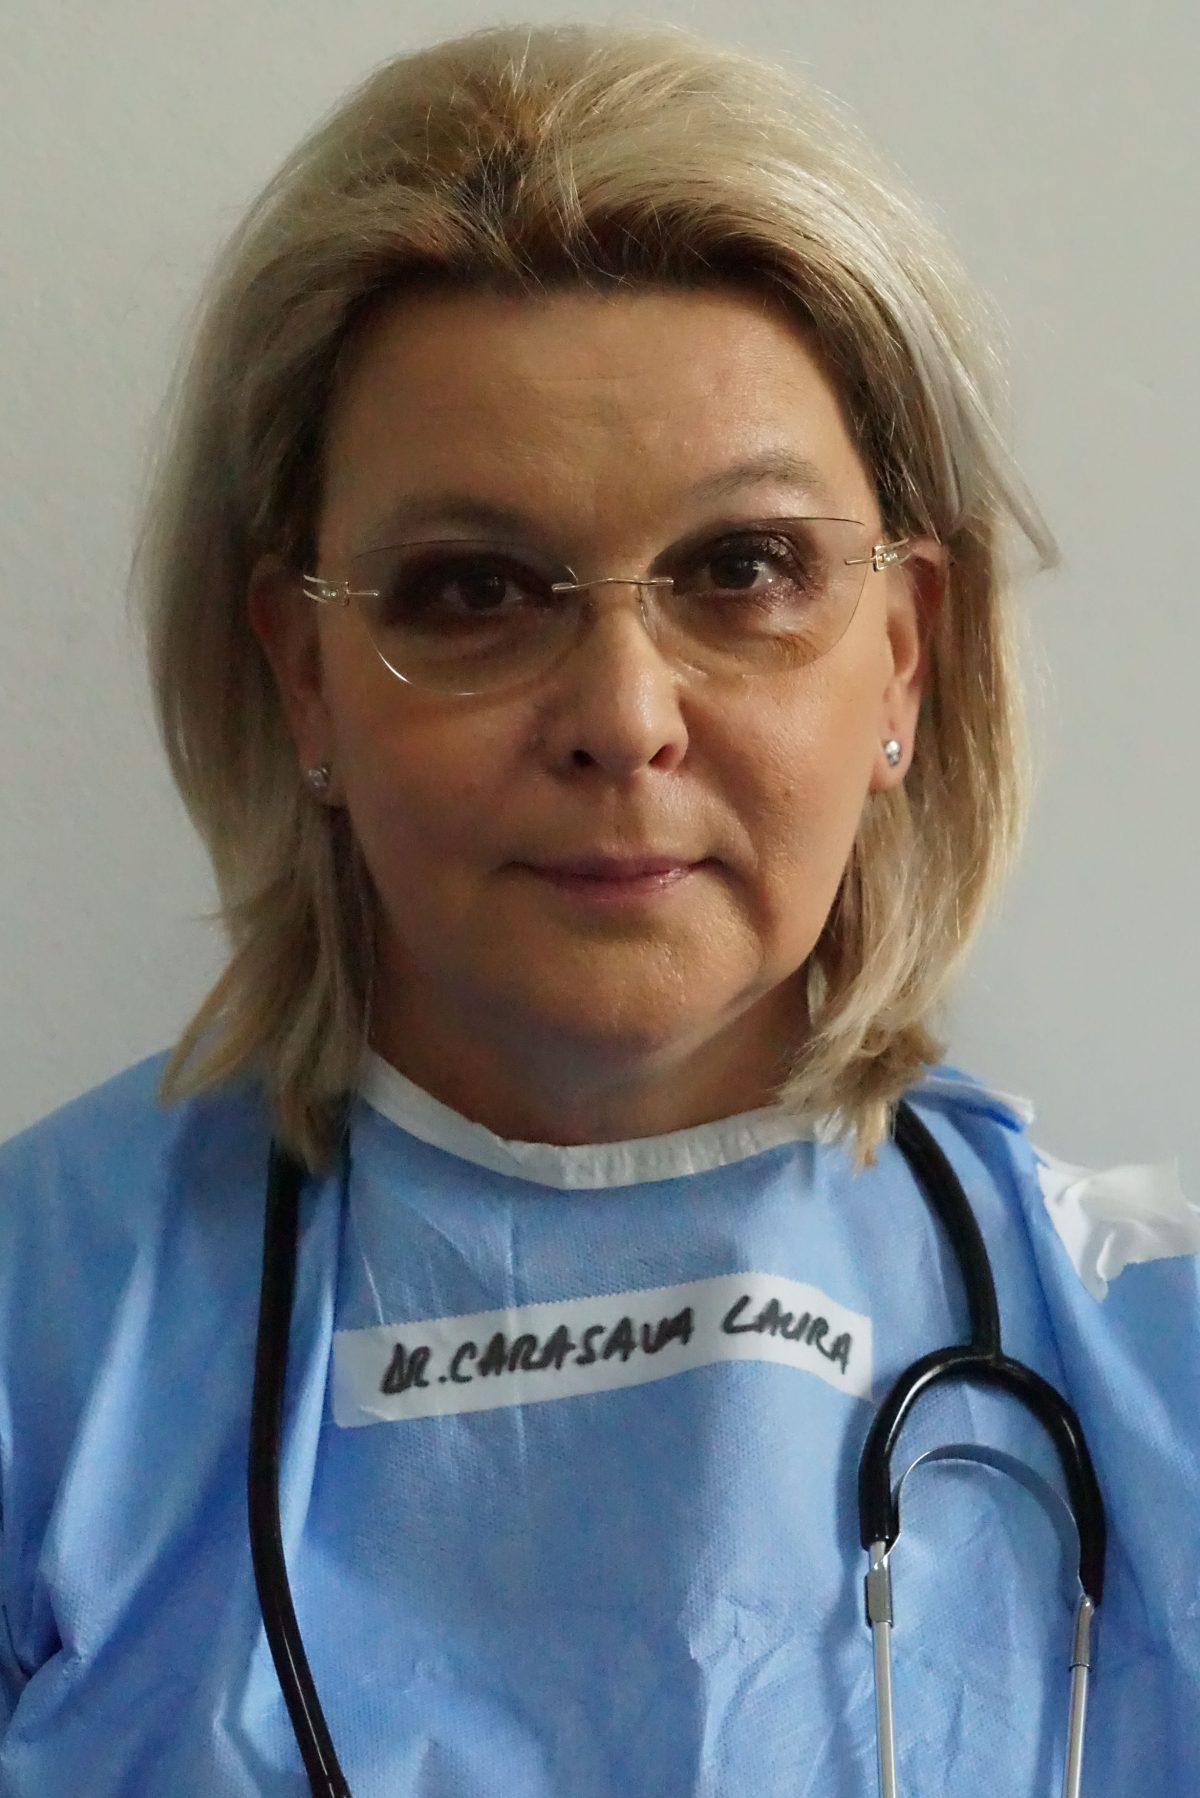 LauraAlinaCarasava00064-copy-1200x1798.jpg